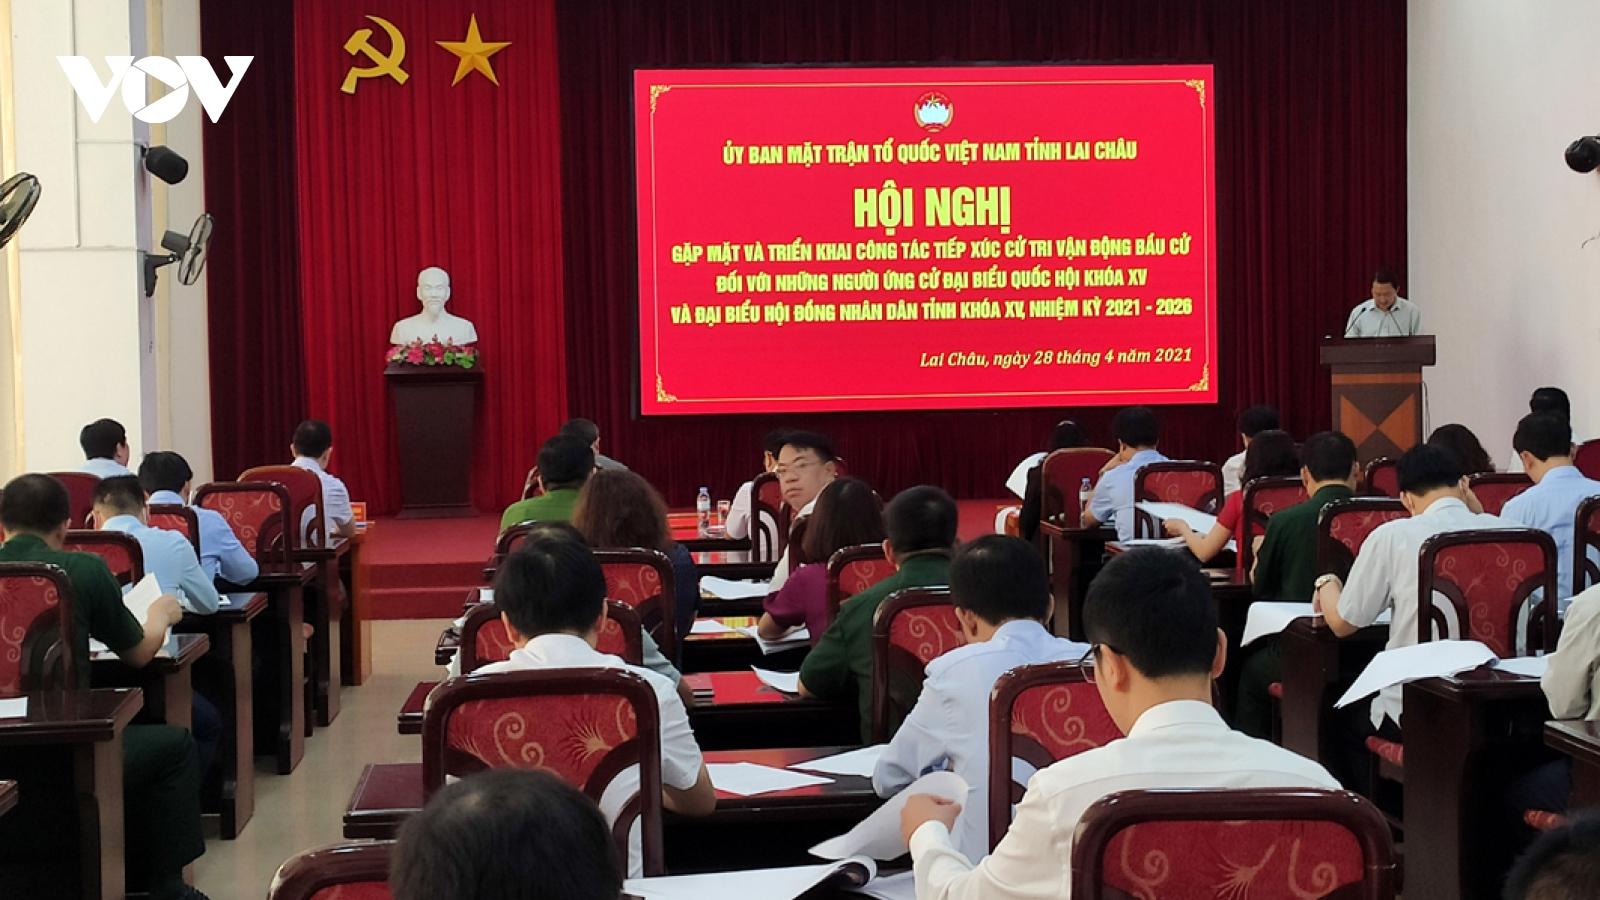 Lai Châugặp mặt người ứng cửđại biểu Quốc hội và HĐND tỉnh